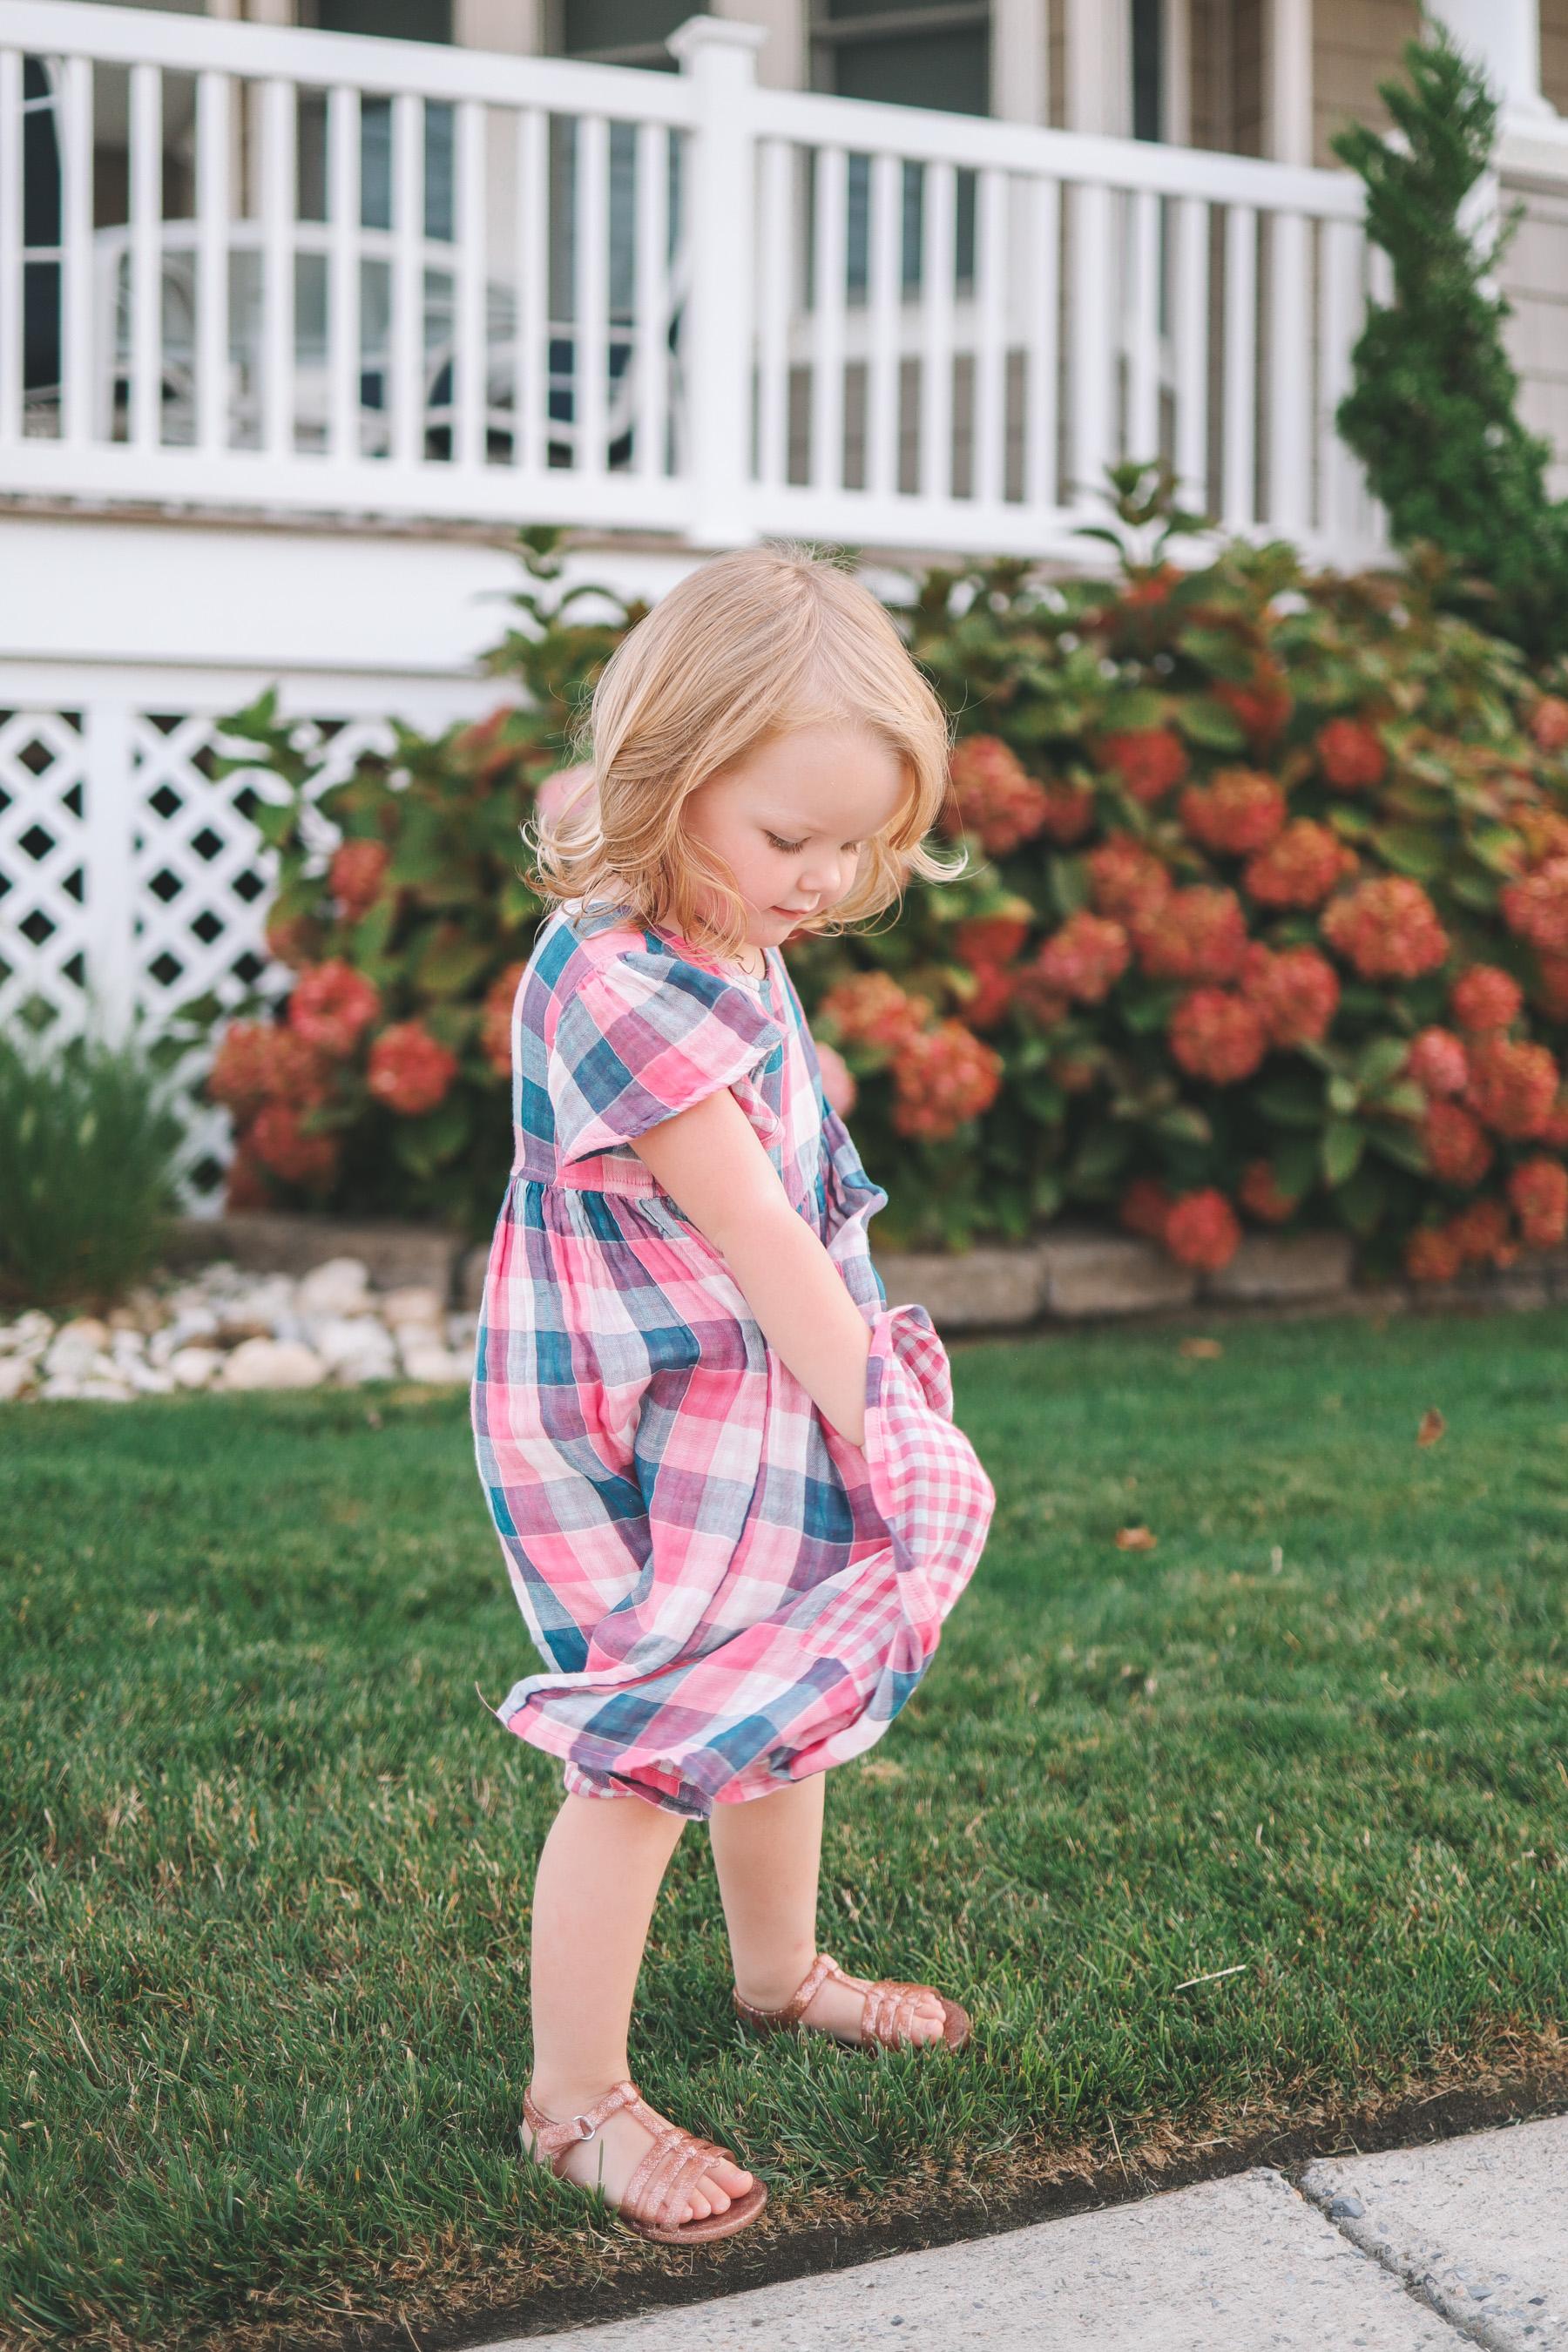 Kelly's daughter models a Nordstrom find